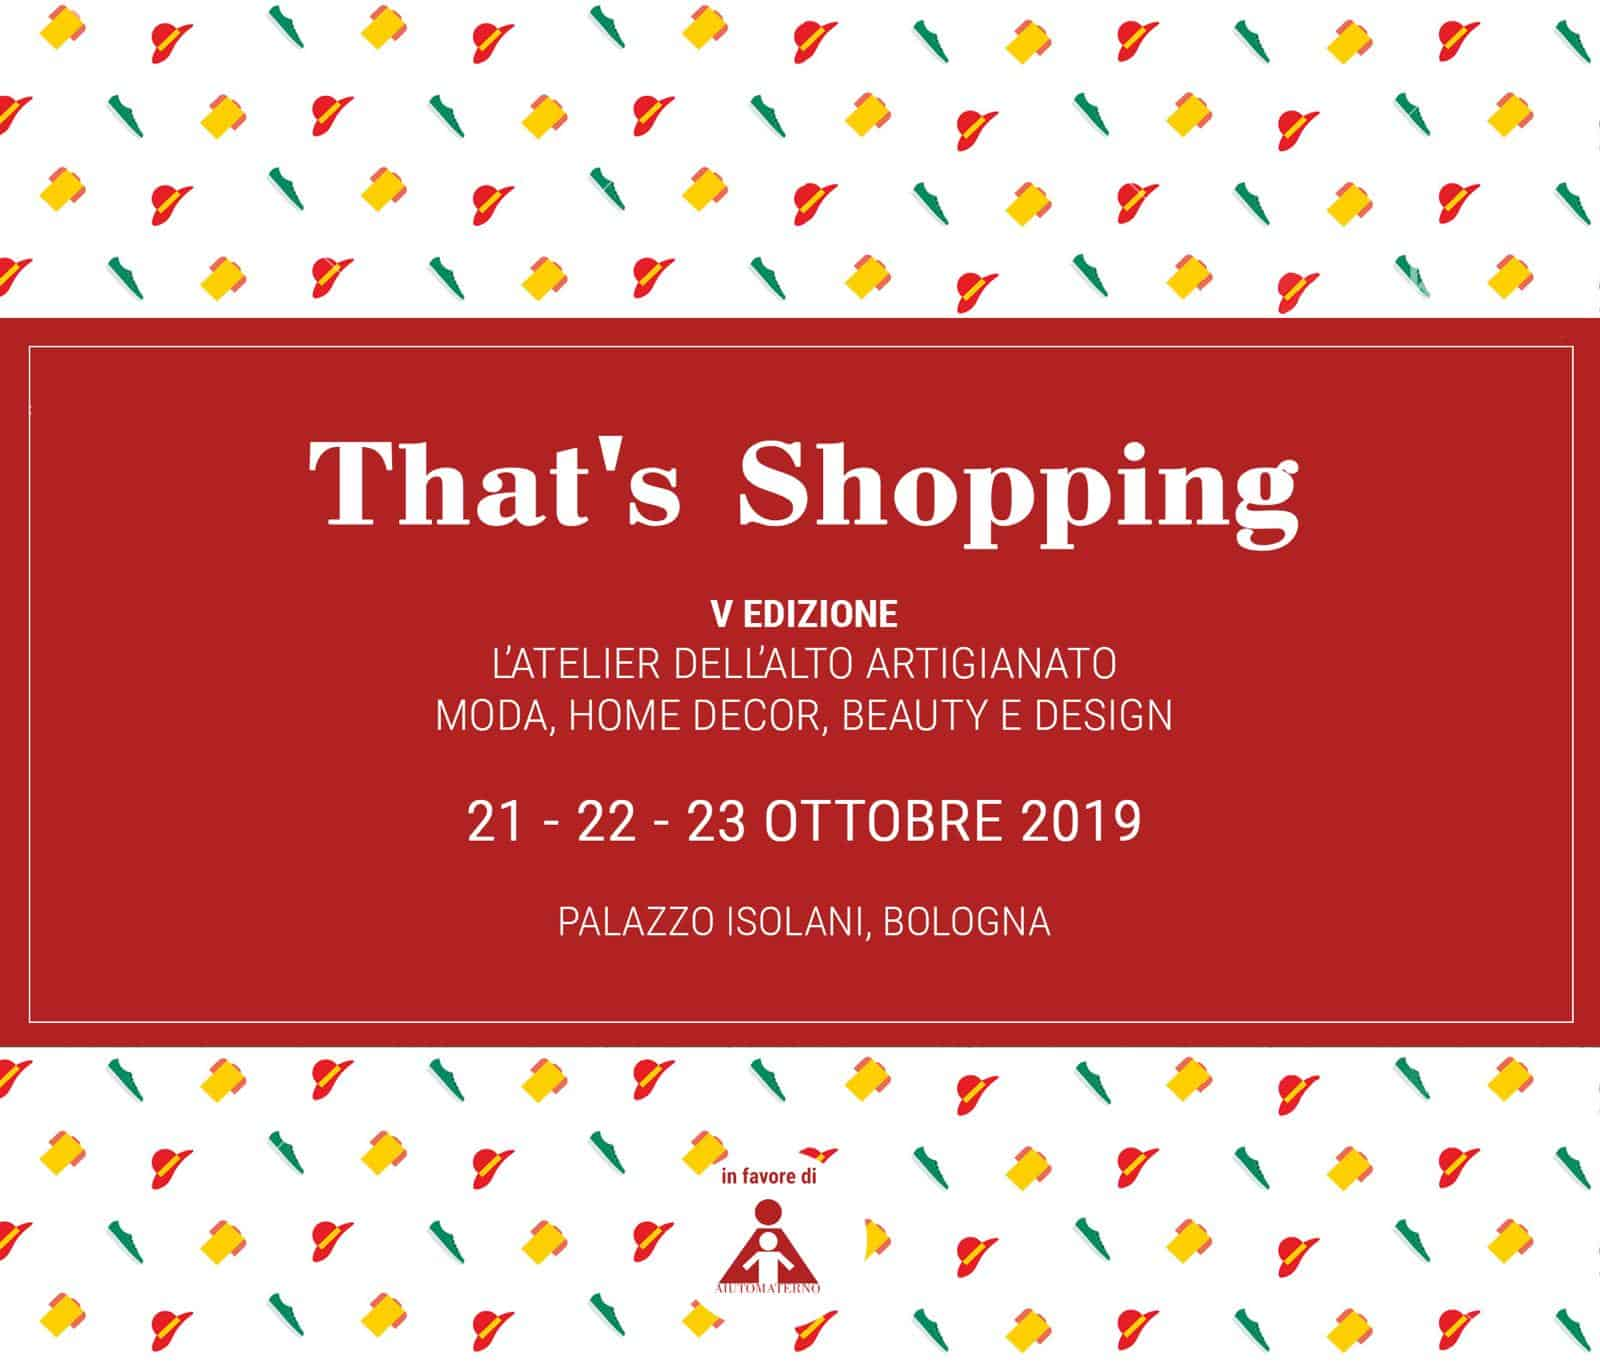 That's Shopping vuol dire fare beneficenza con l'Aiuto Materno